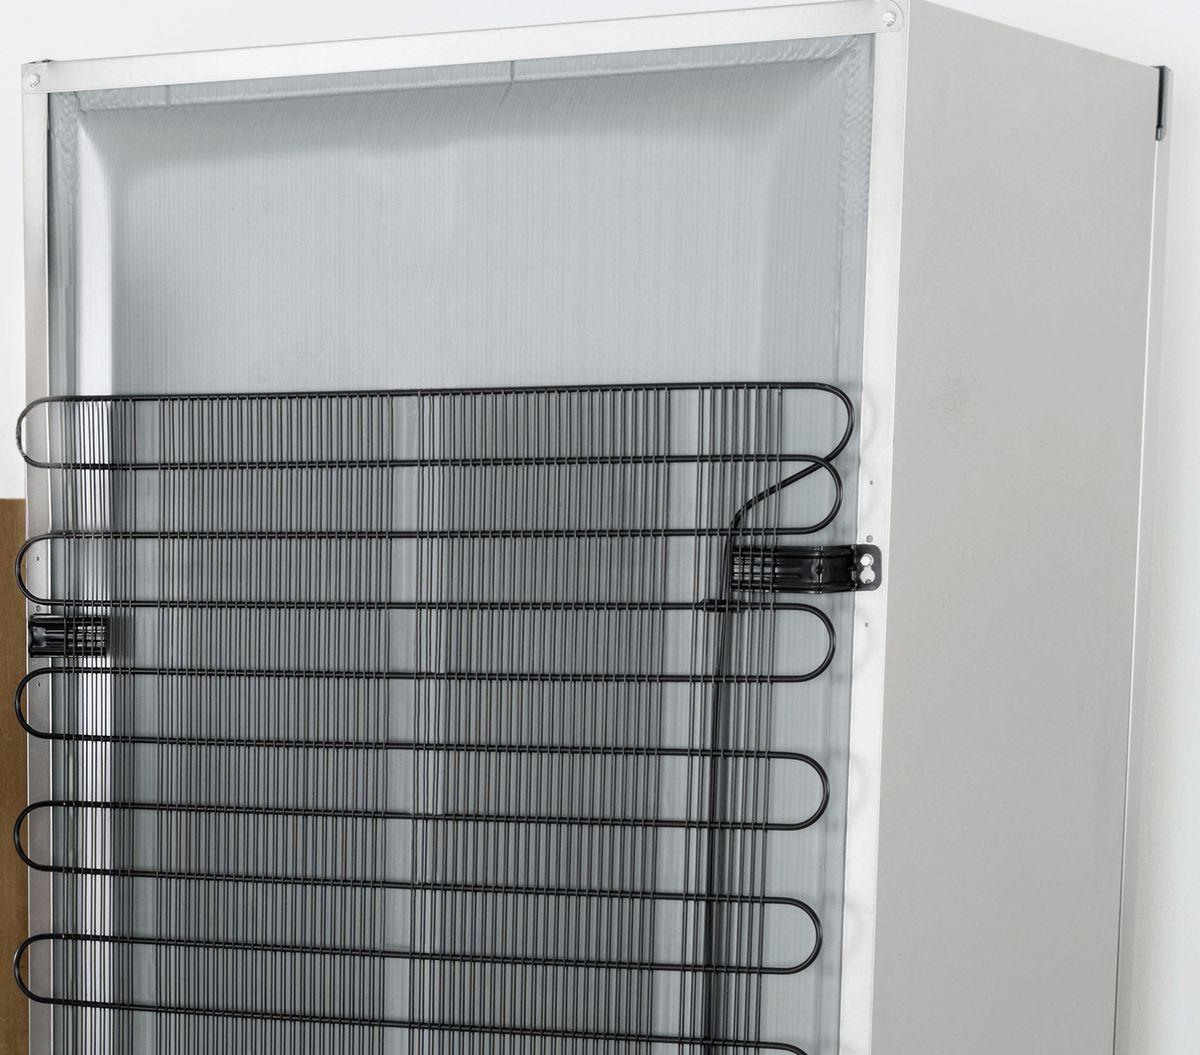 Spring 2021, Checklist, refrigerator coils